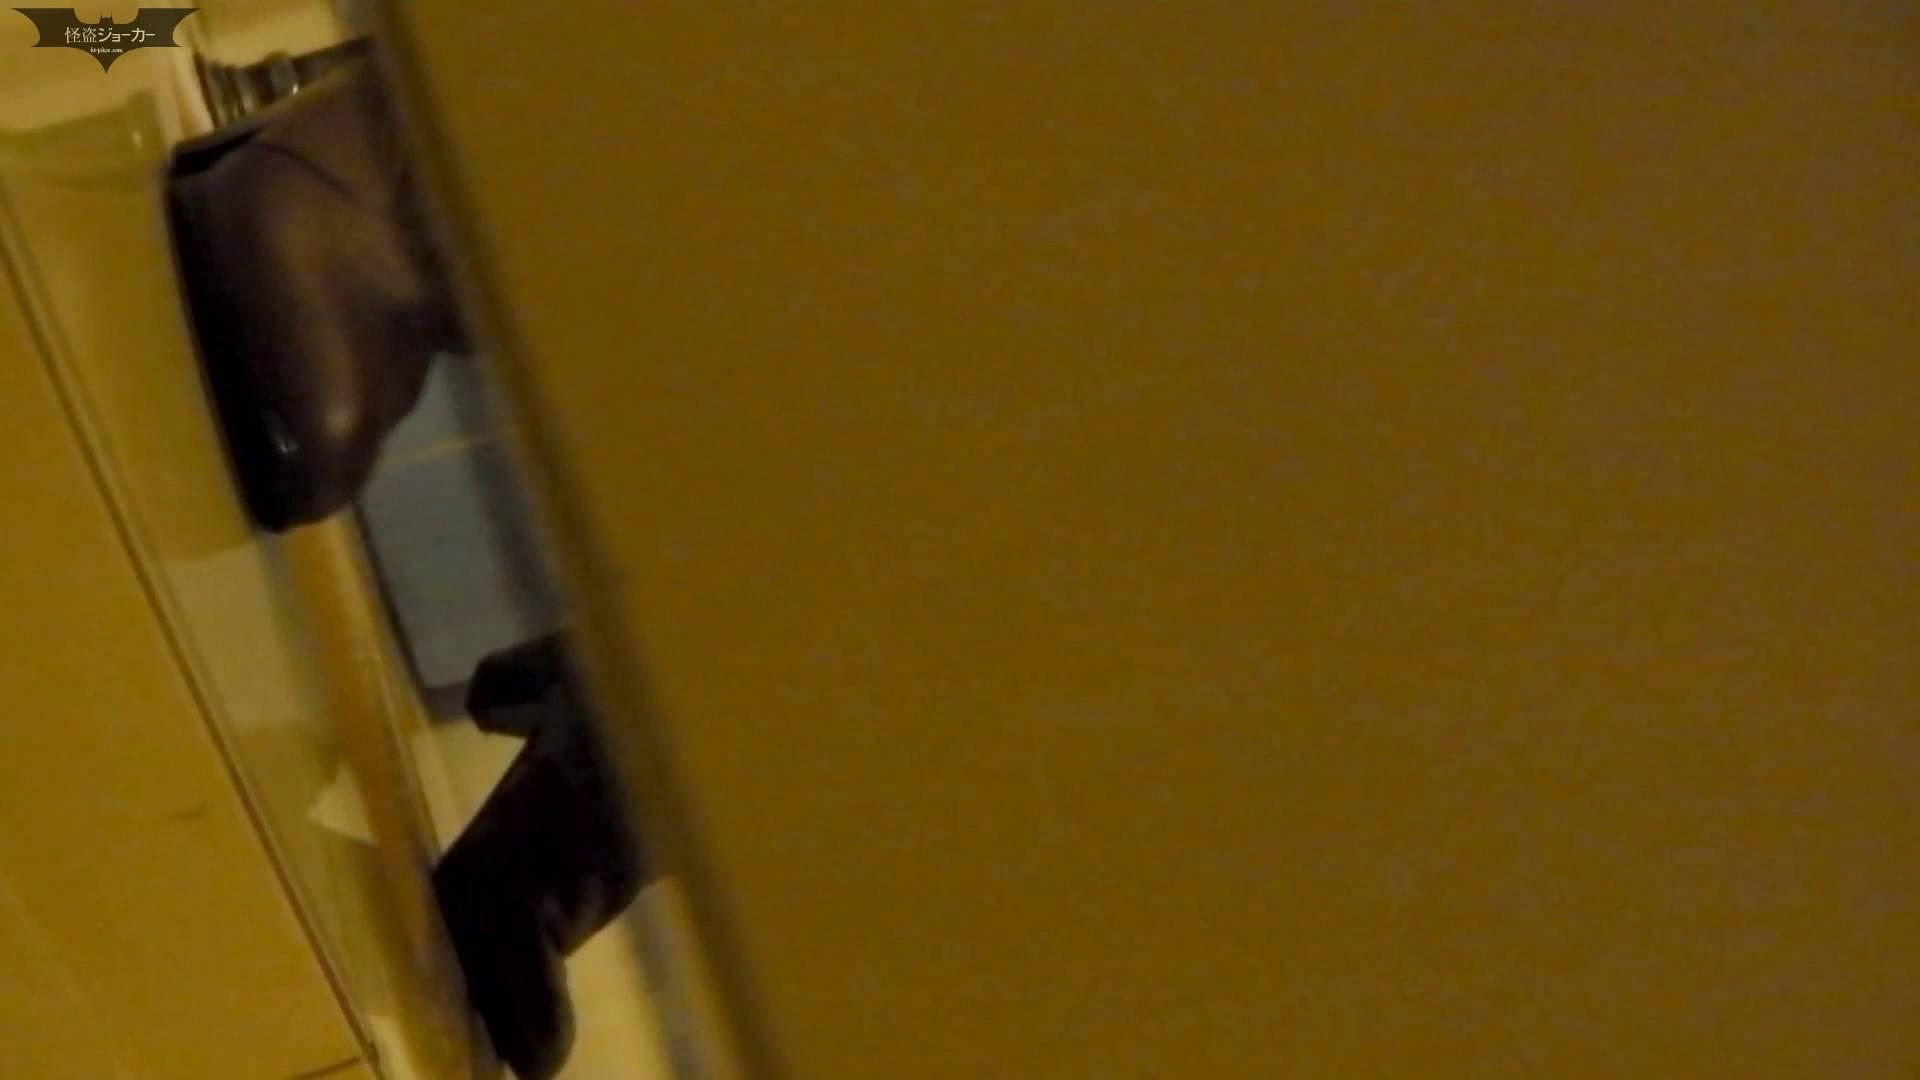 エッチ 熟女 新世界の射窓 No65 これぞ究極追い撮り!売場でみかけた可愛い子 怪盗ジョーカー